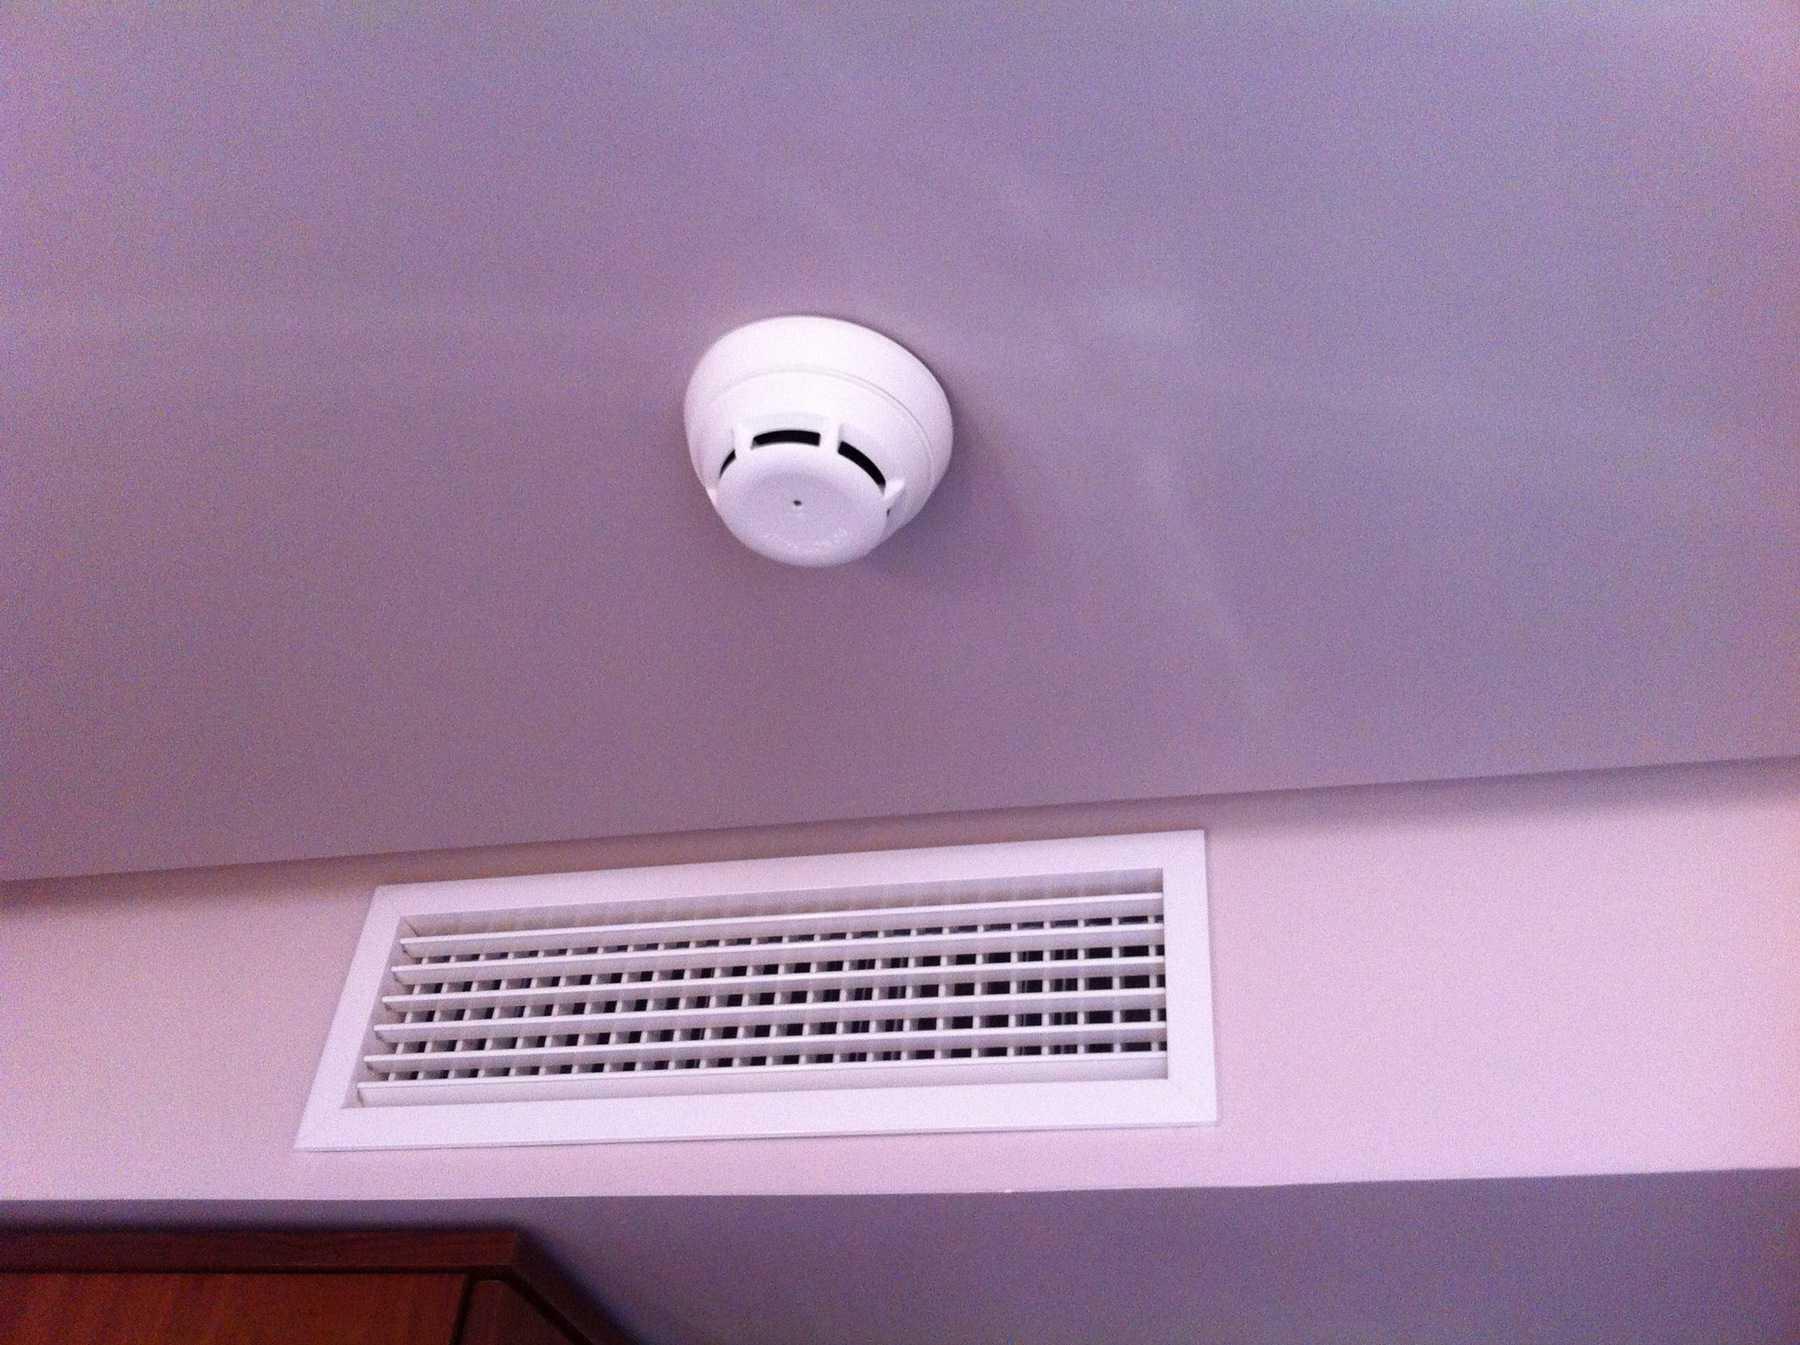 Detectores de humo que jamás funcionarán en caso de incendio - Blog ...